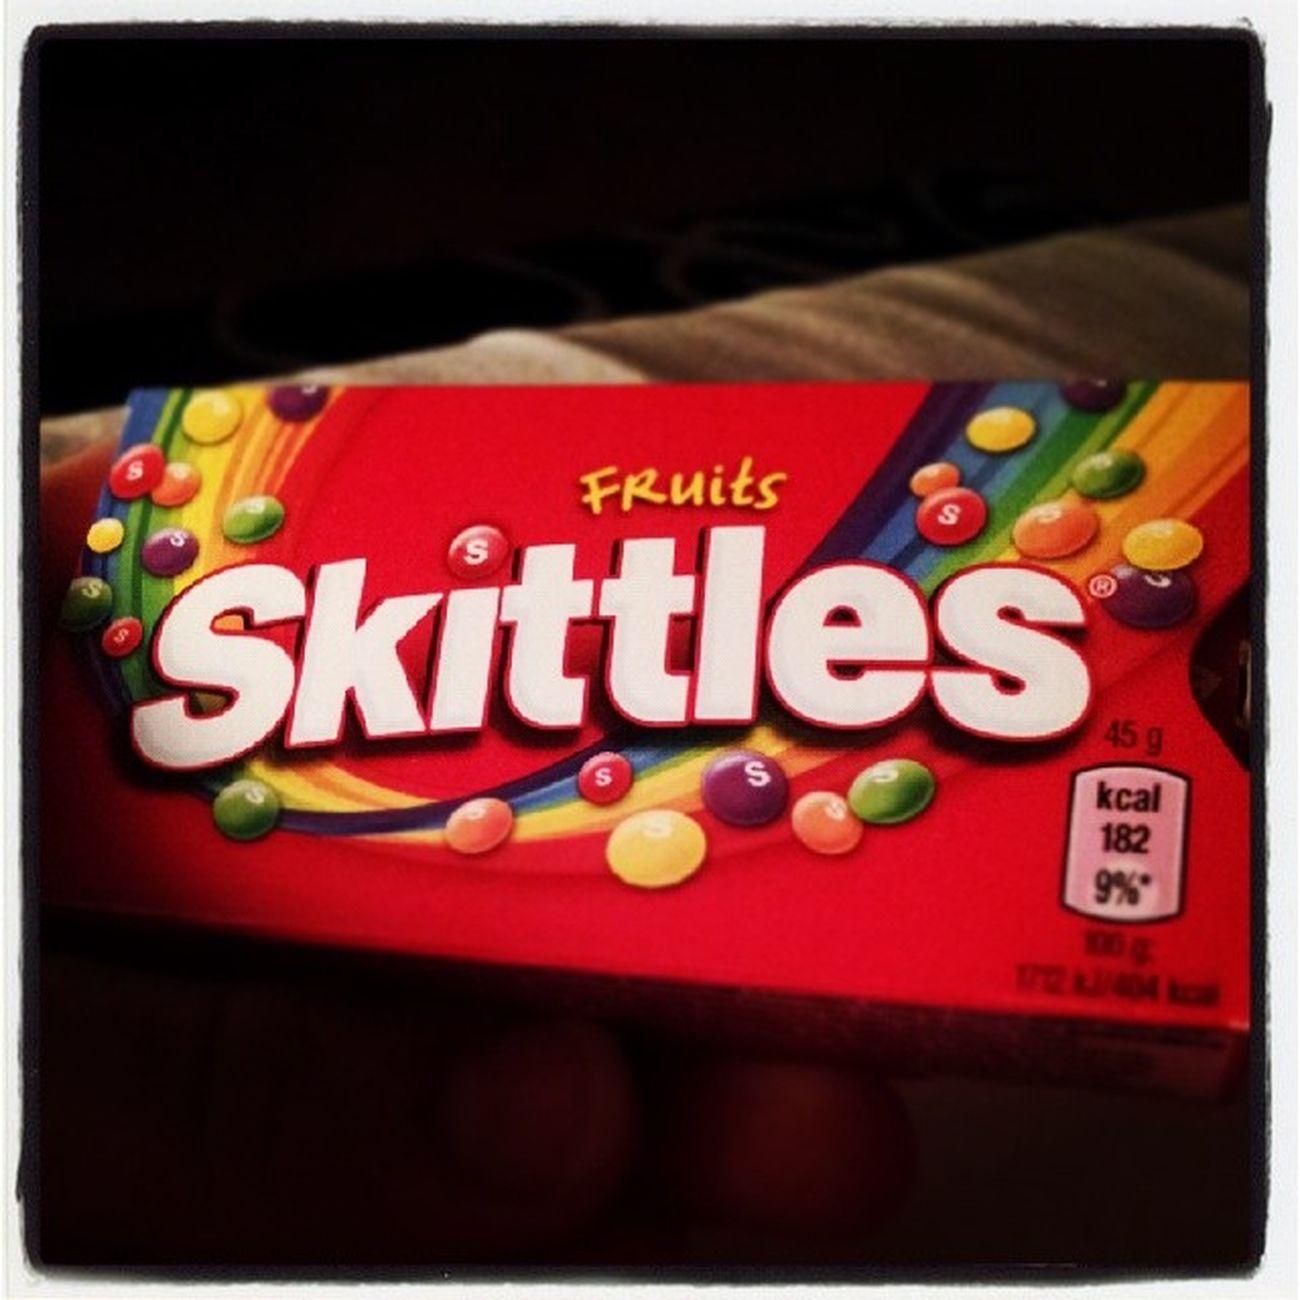 Wie ich sie liebe *-* Skittles Instapic Instaphoto Reeeeeed missyou loveyou ♡